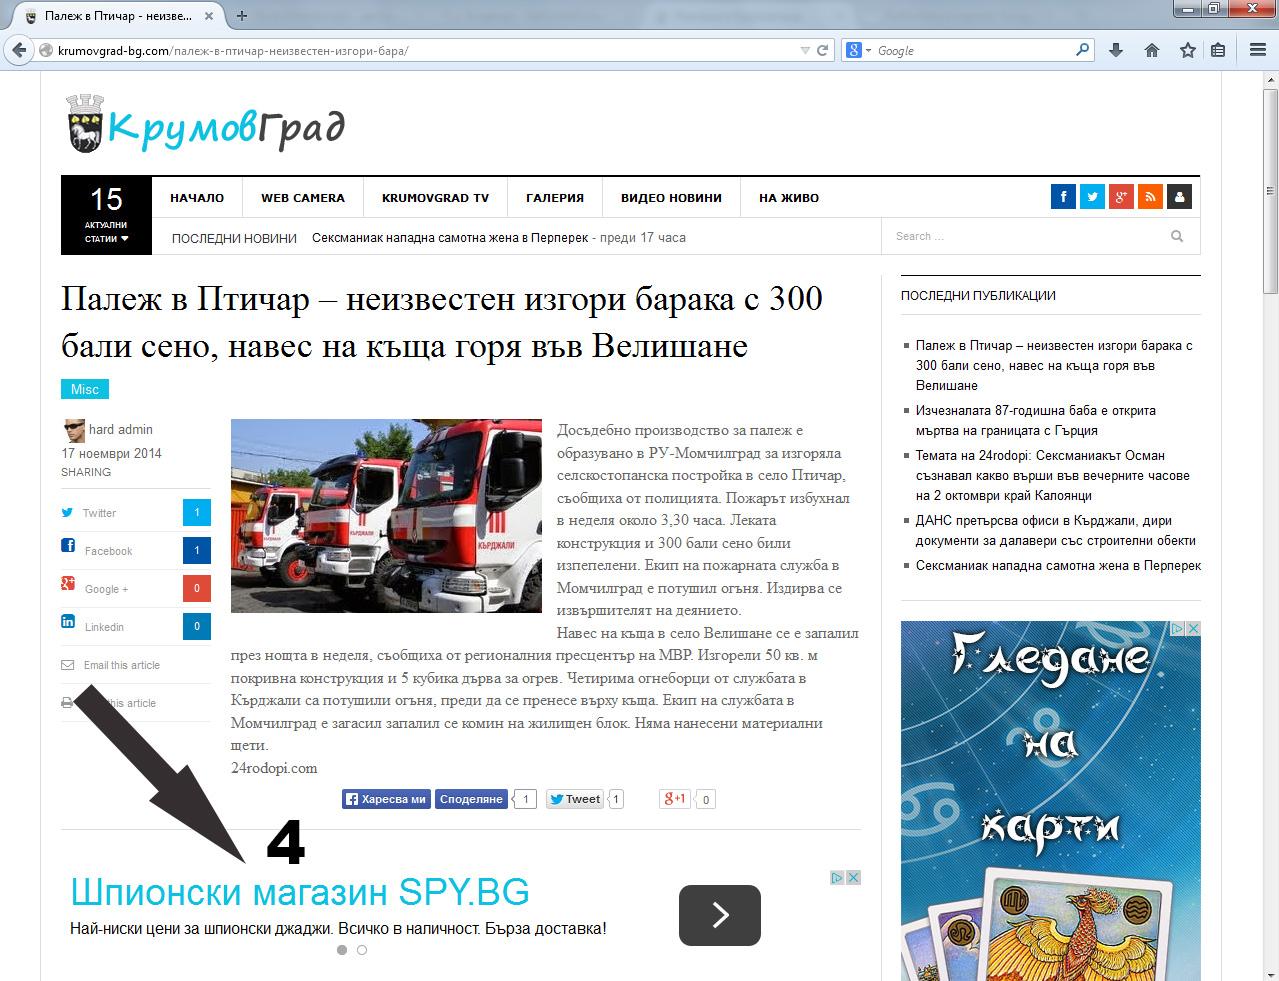 Реклама в Крумовград - позиция 4